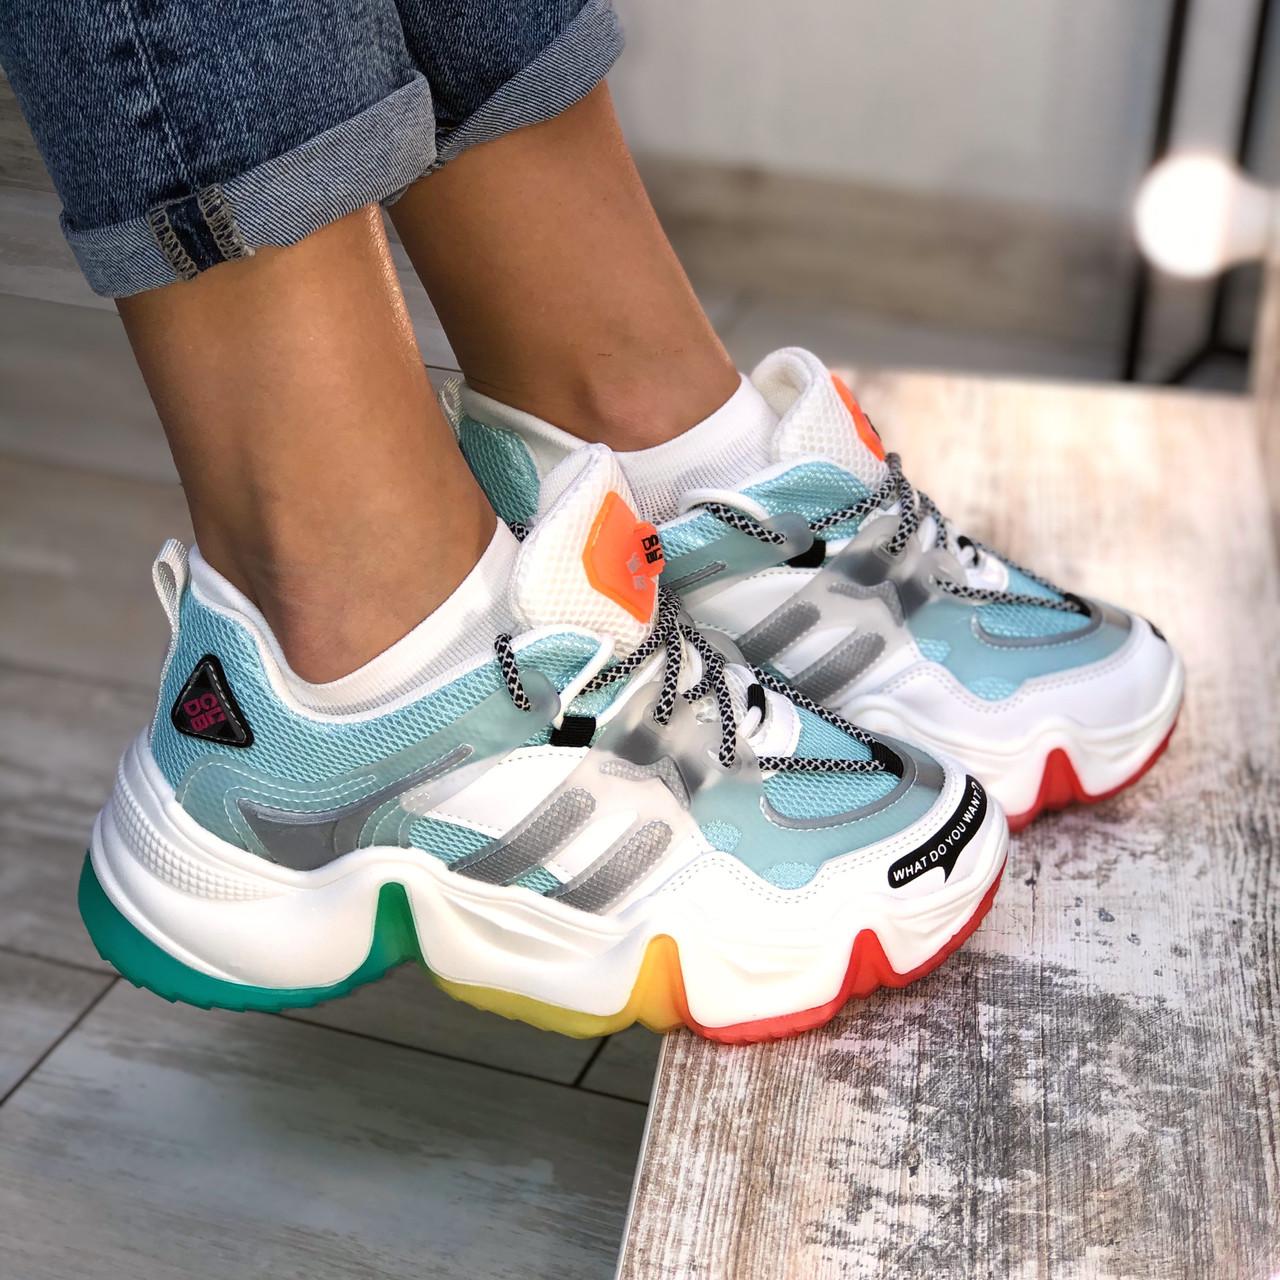 Кросівки жіночі з райдужної підошвою